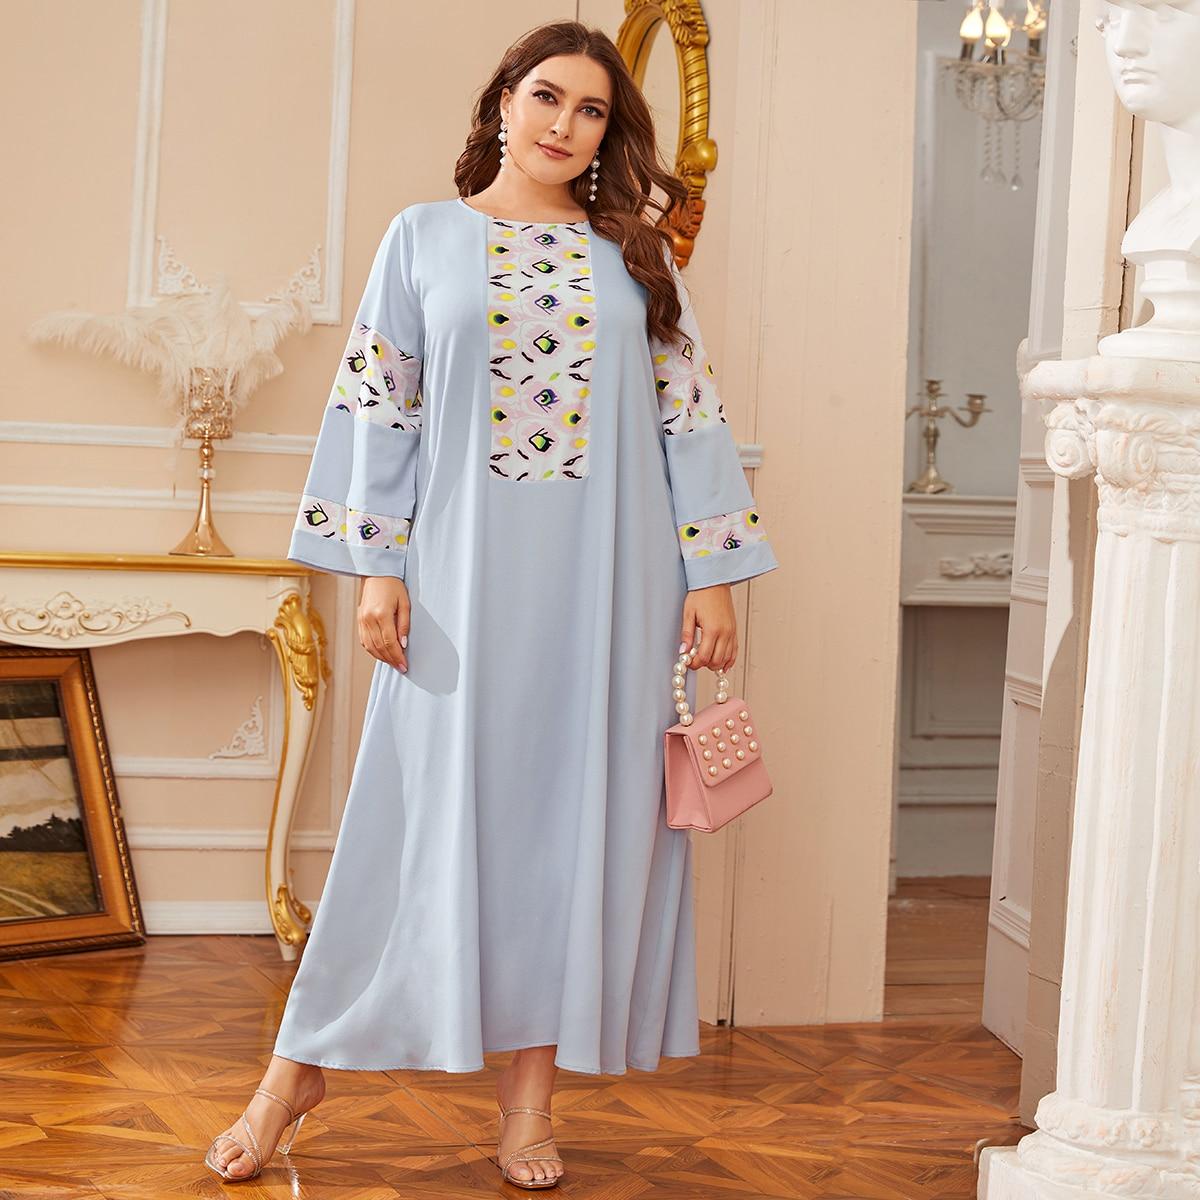 SHEIN / Große Größen - Kleid mit Stamm Muster